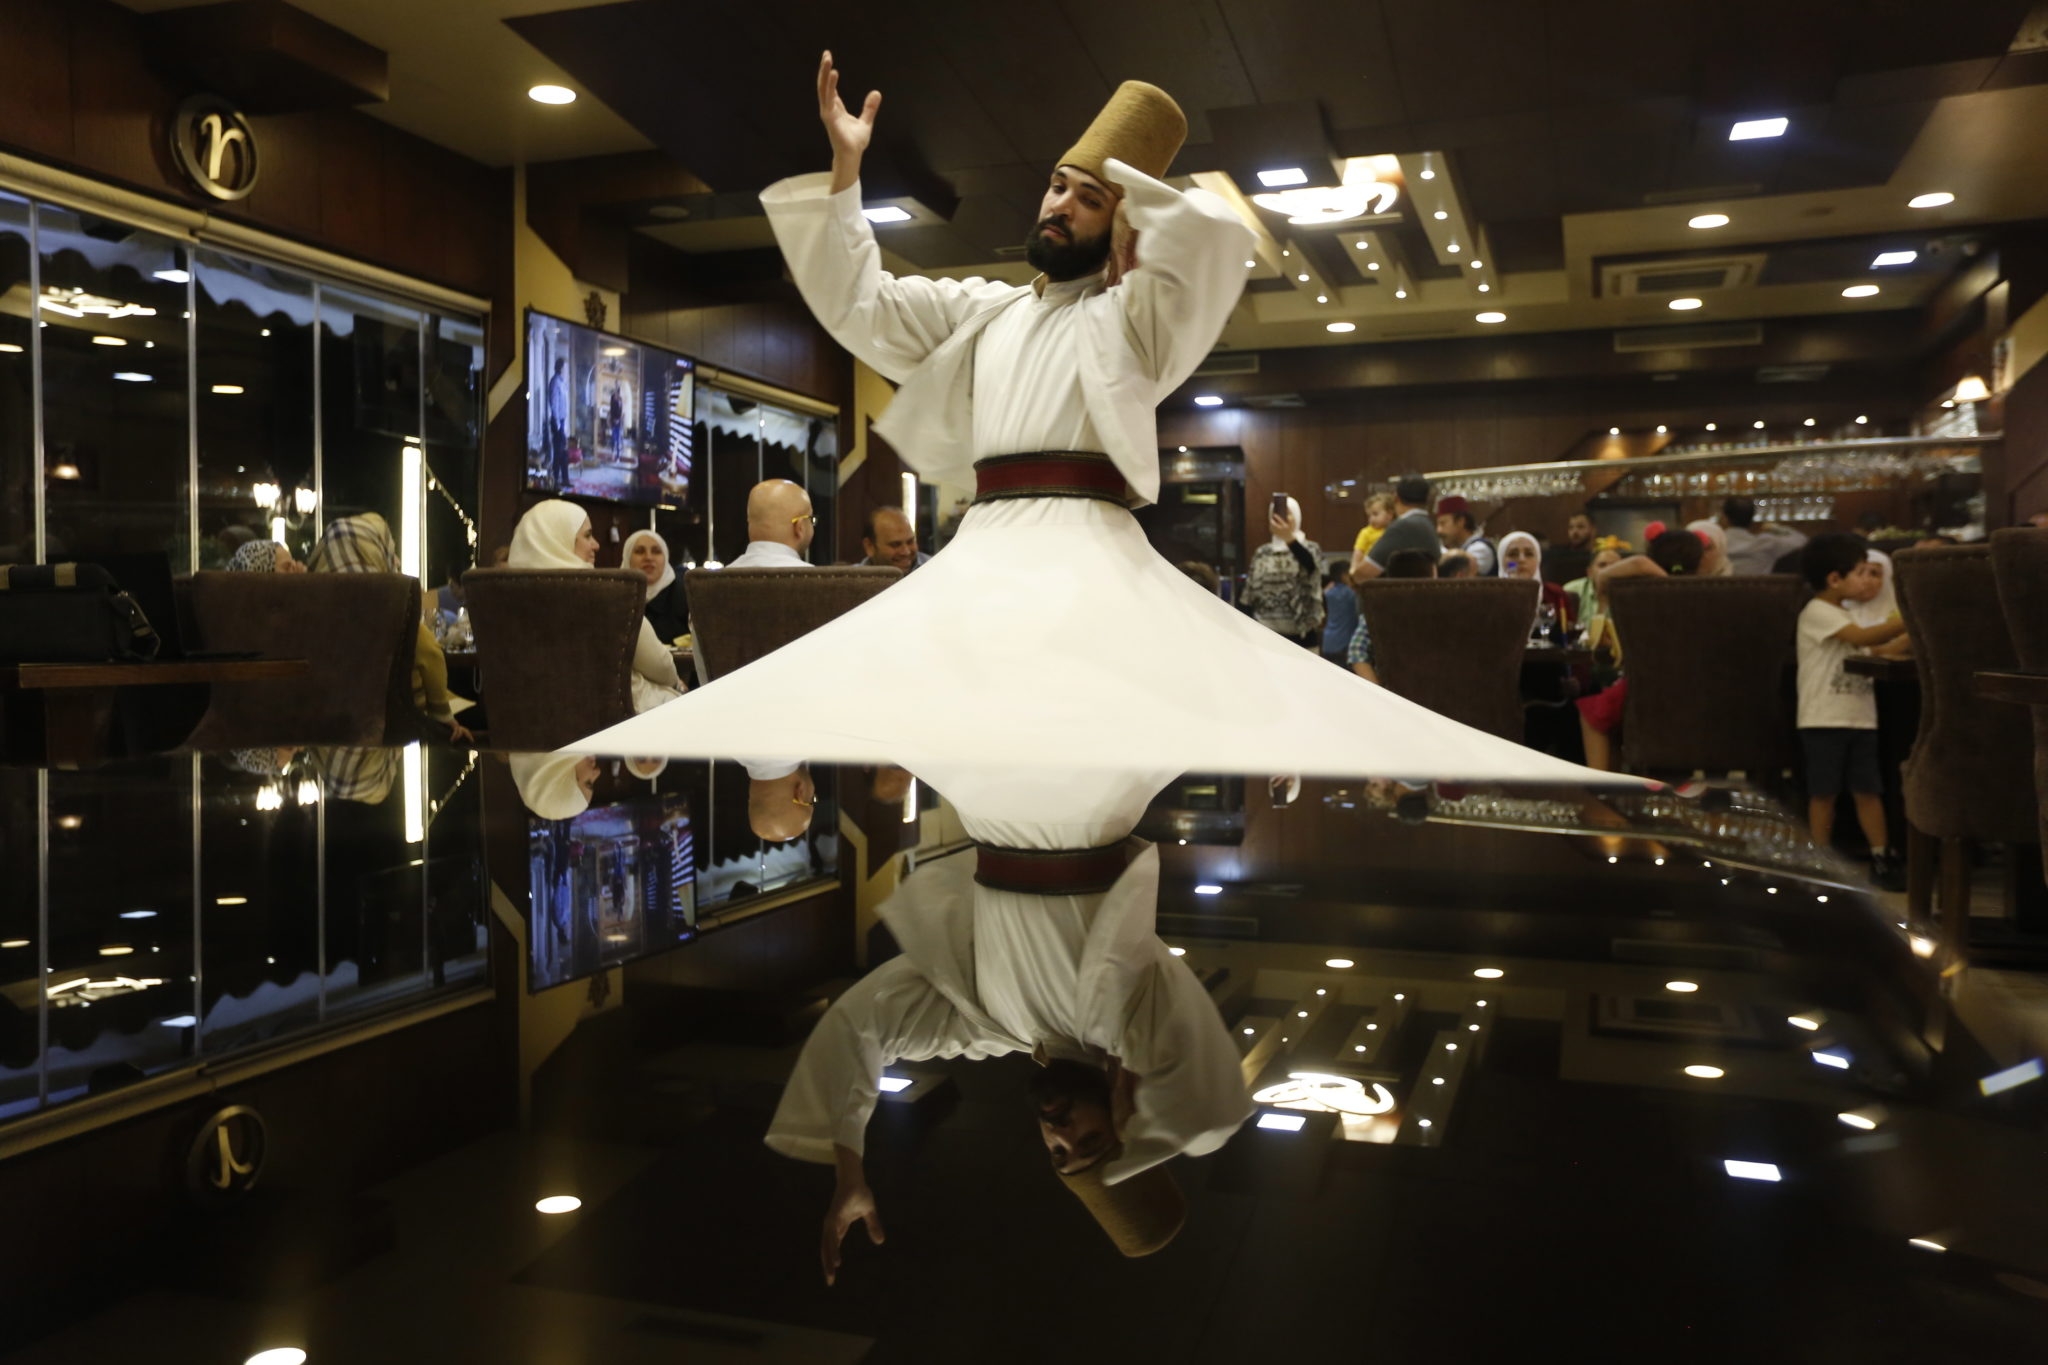 Syria, restauracja w Damaszku: tancerze występują w ramach rytuałów świętego miesiąca Ramadanu, podczas którego muzułmanie powstrzymują się od jedzenia, picia i kontaktów seksualnych od wschodu do zachodu słońca, fot. YOUSSEF BADAWI, PAP/EPA